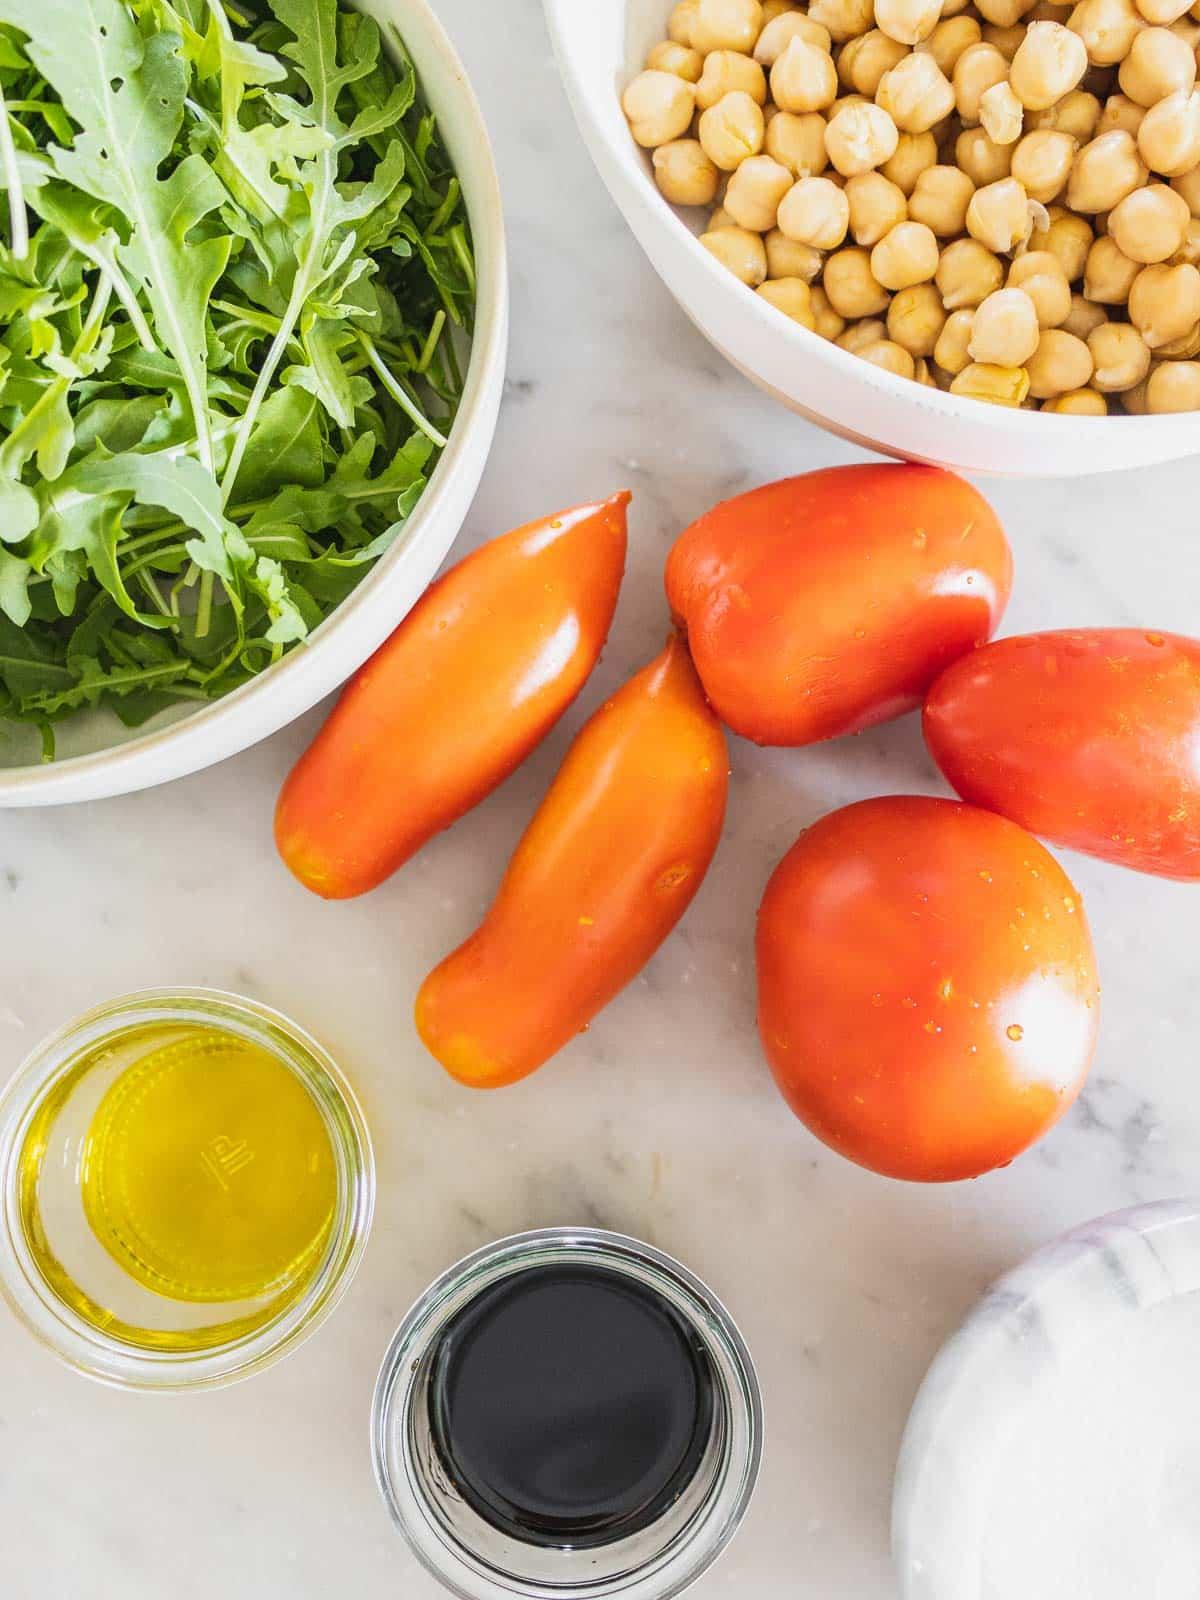 ingredienti per la ricetta dell'insalata di ceci